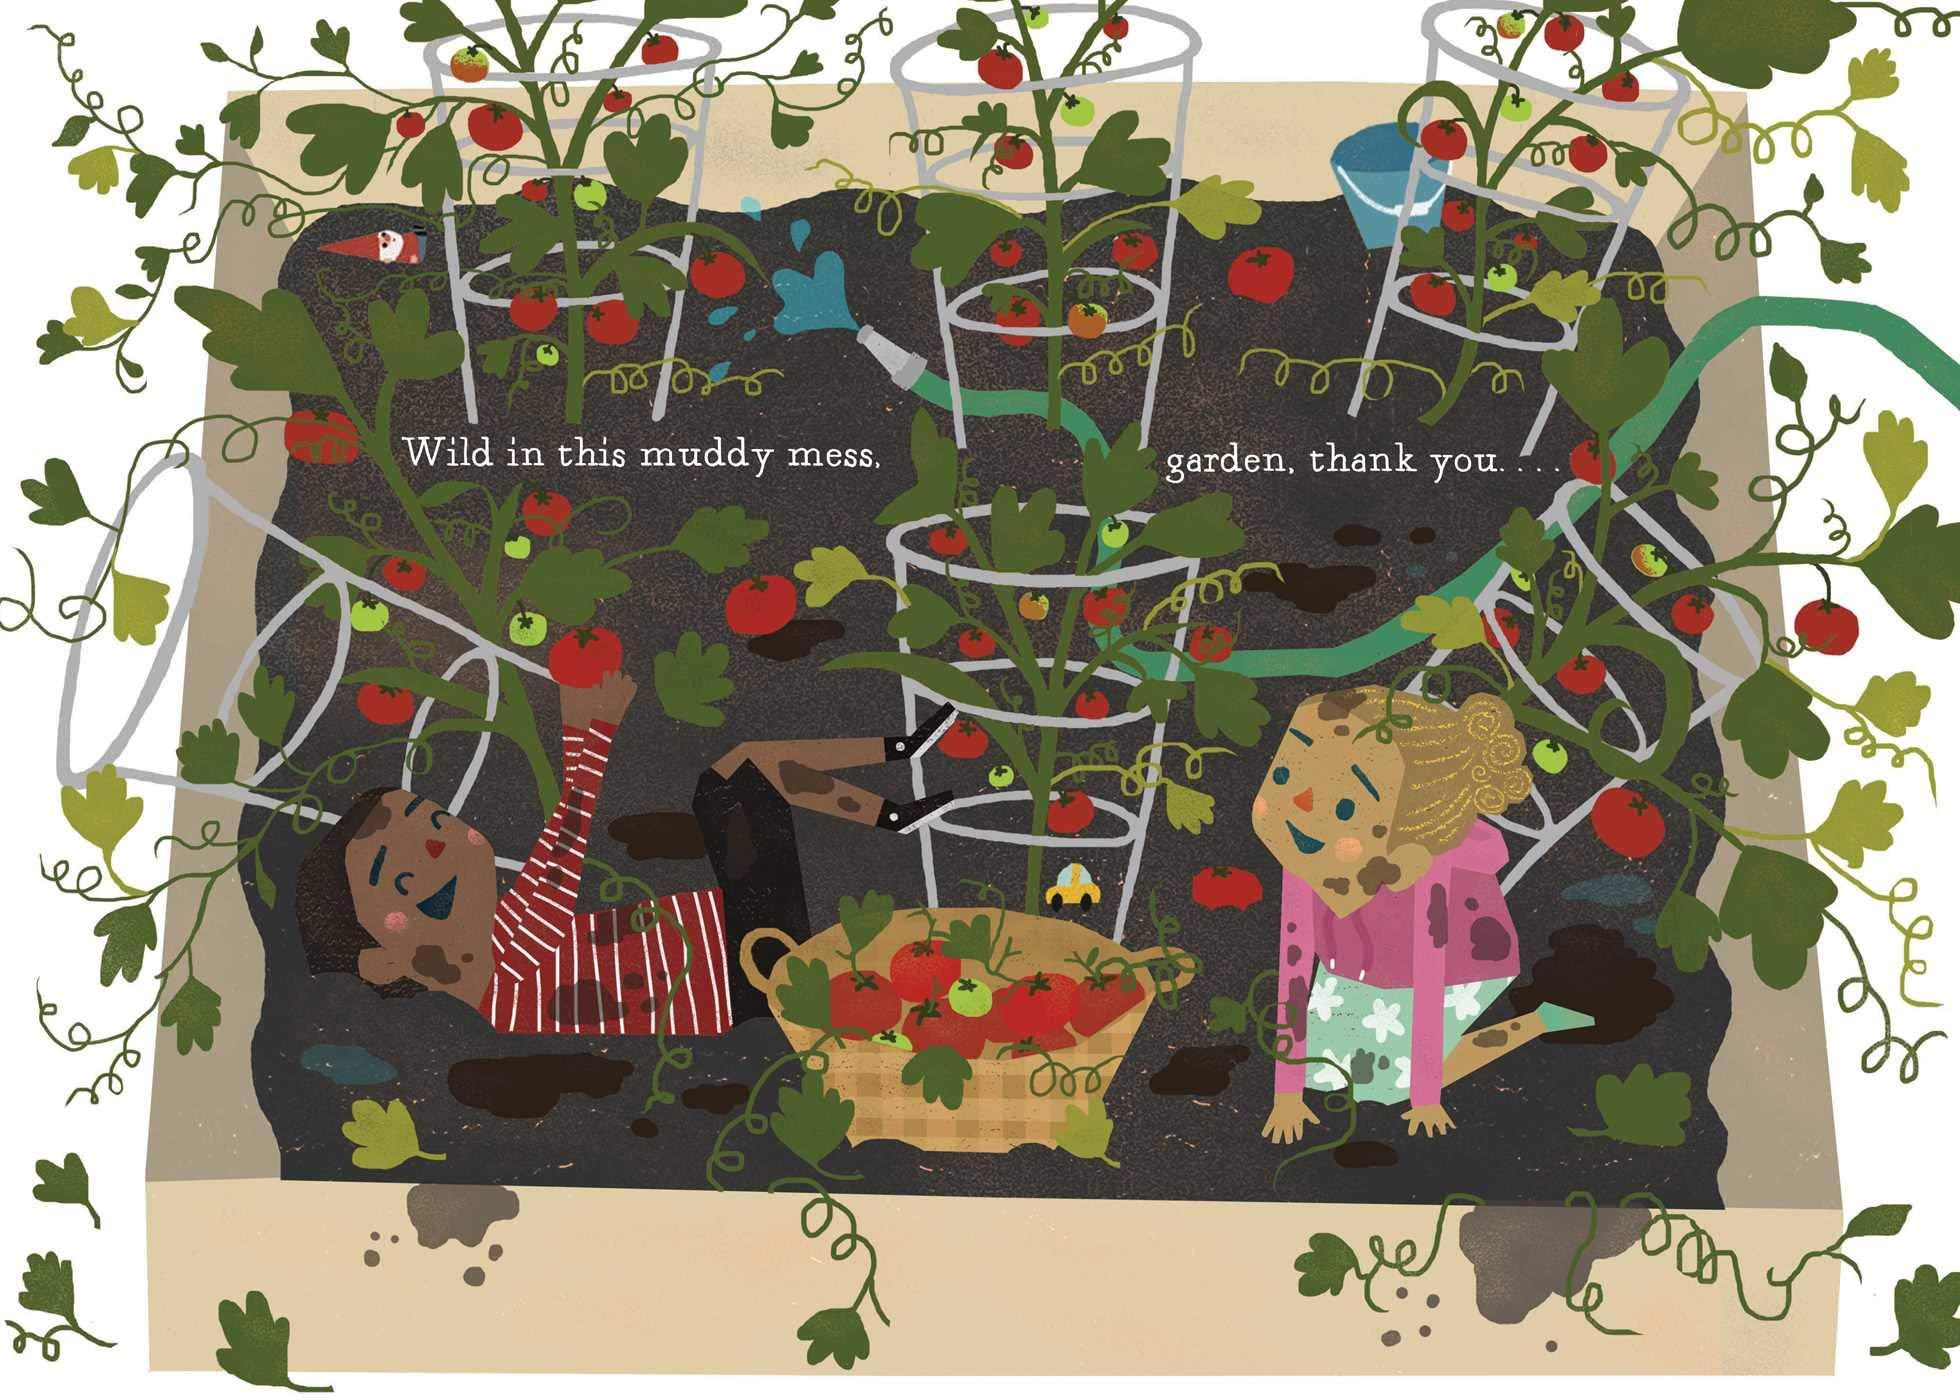 Amazon.com: Thank You, Garden (9781481403504): Scanlon, Liz Garton ...